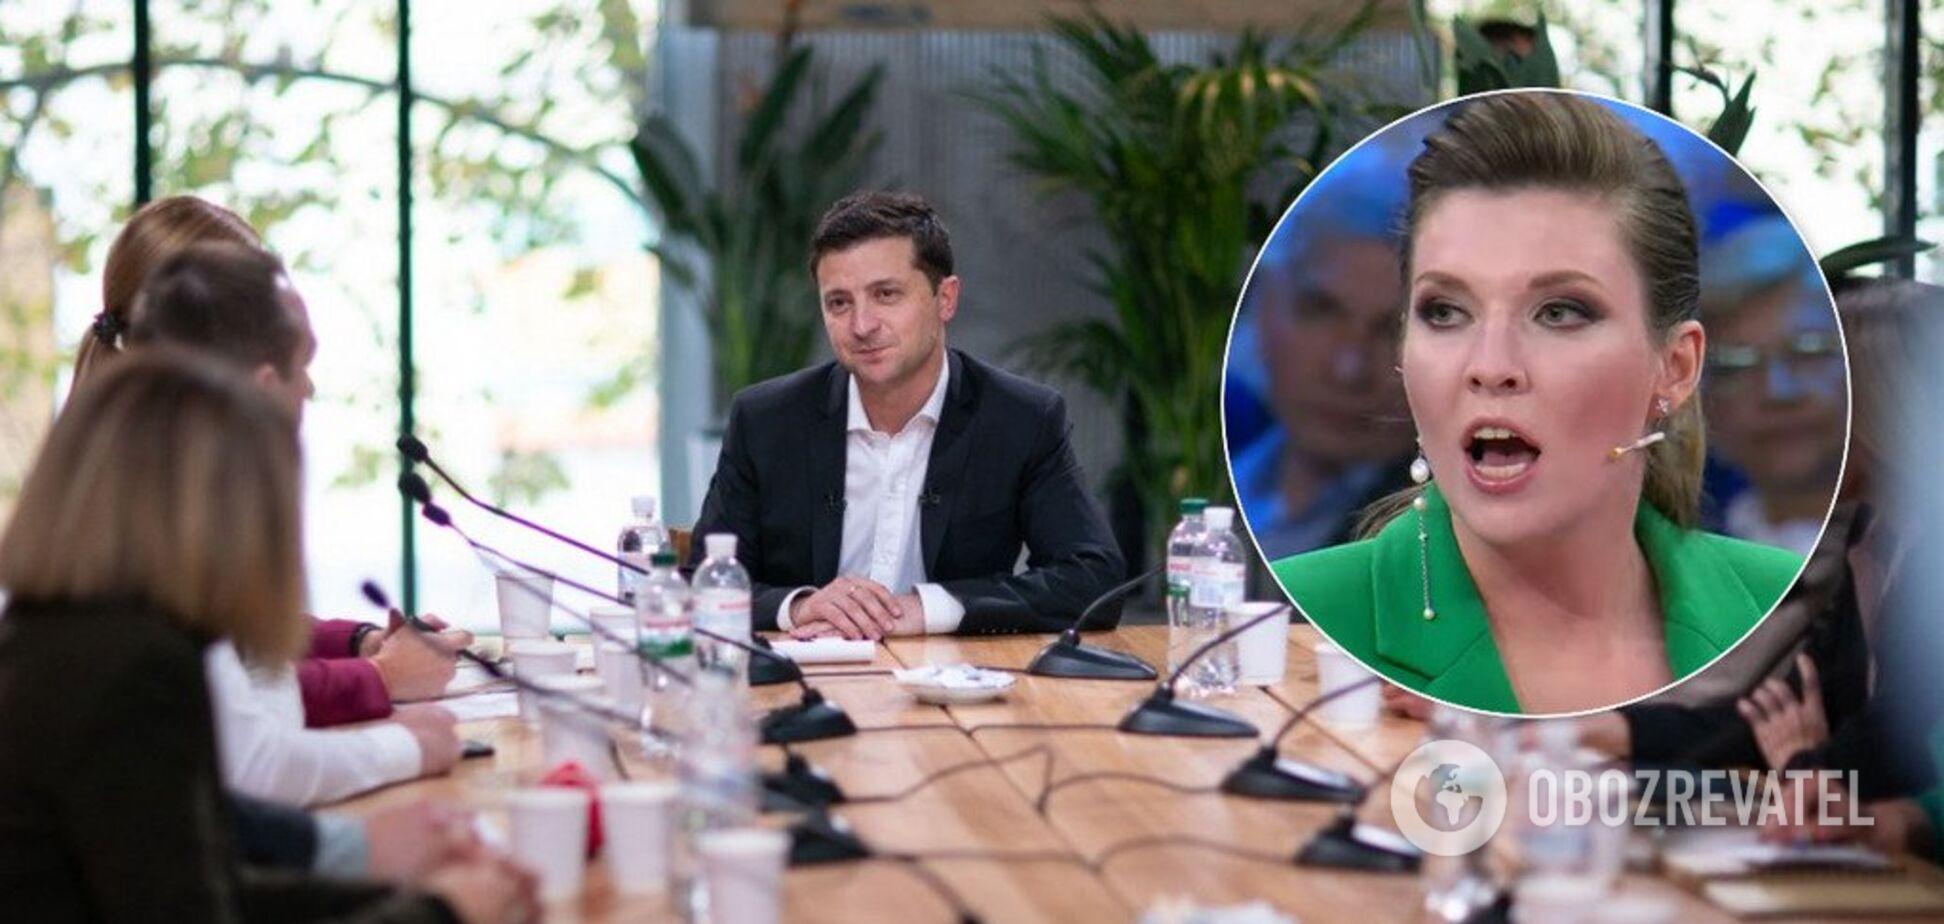 Зеленський не пустив Скабєєву на марафон: вона огризнулася